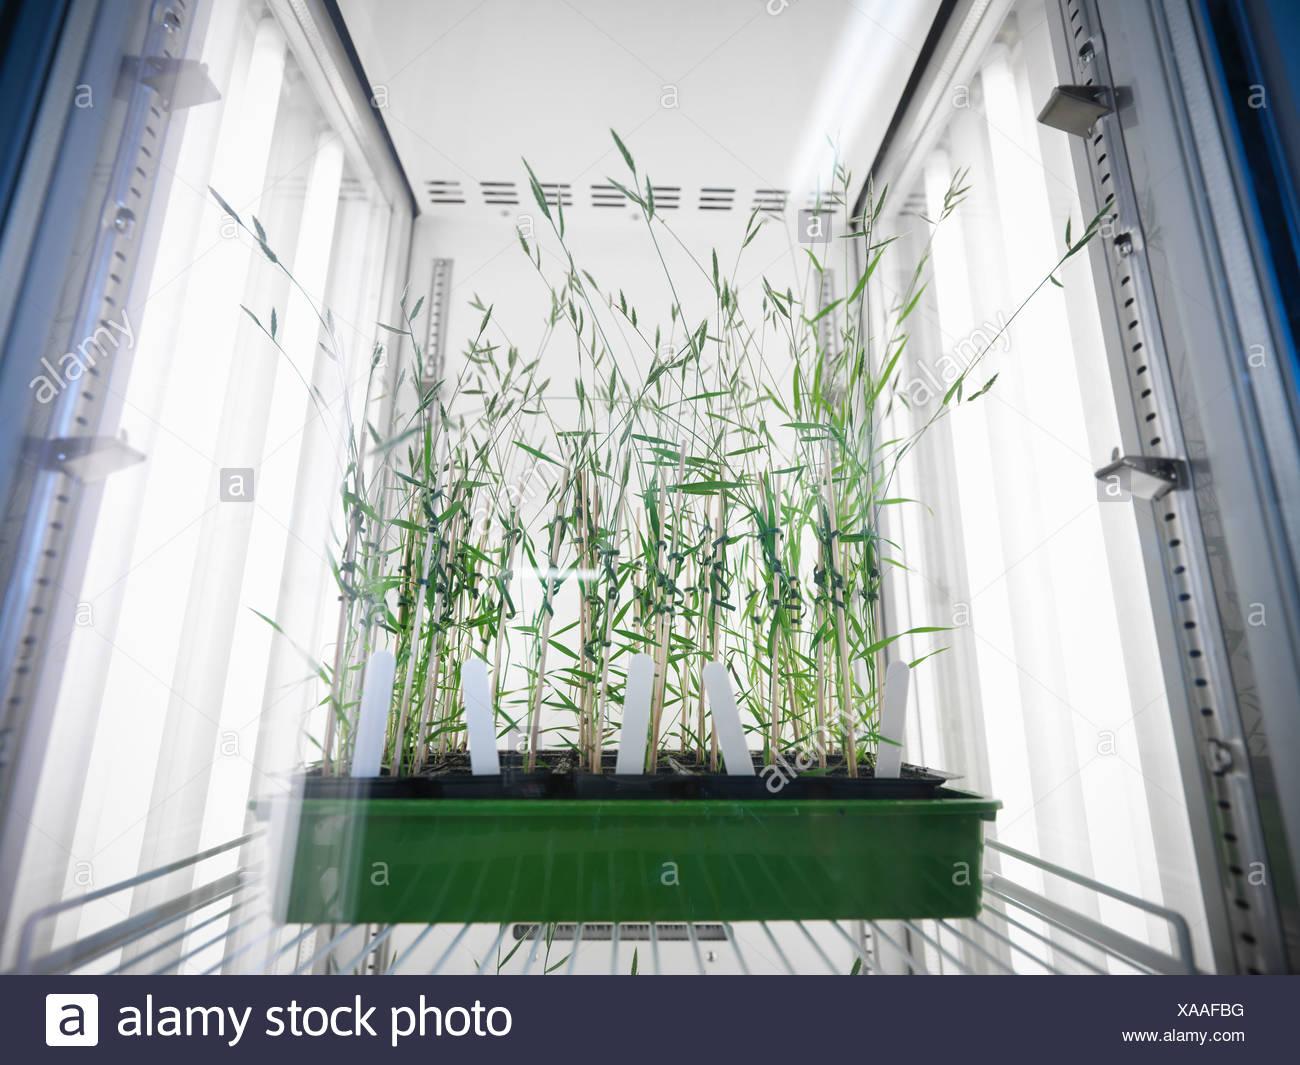 Pflanzen wachsen im Labor Kühlschrank Stockbild